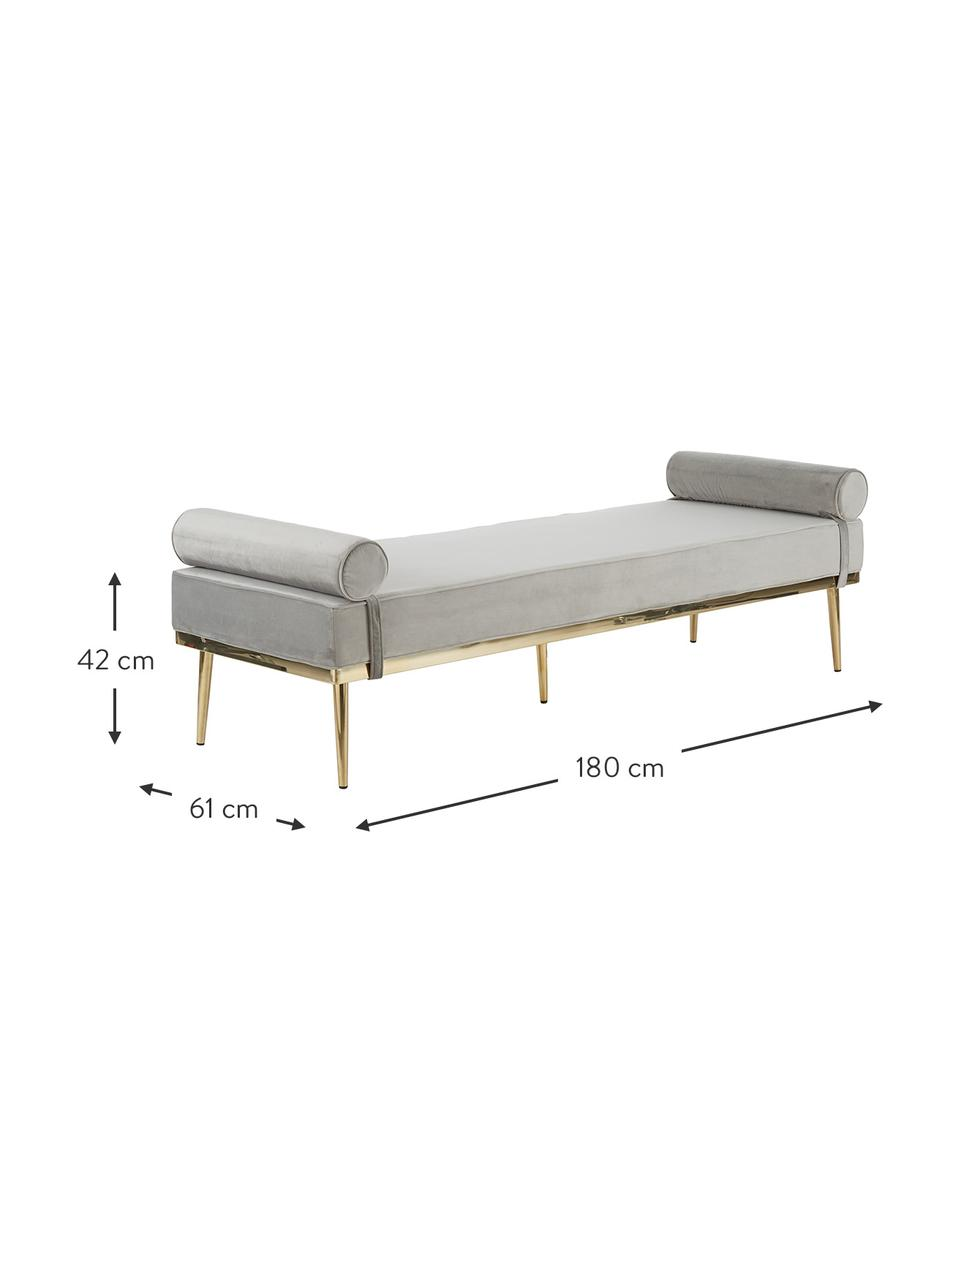 Chaise longue letto singolo in velluto grigio Aurora, Rivestimento: velluto (copertura in pol, Gambe: metallo rivestito, Velluto grigio, Larg. 180 x Alt. 42 cm